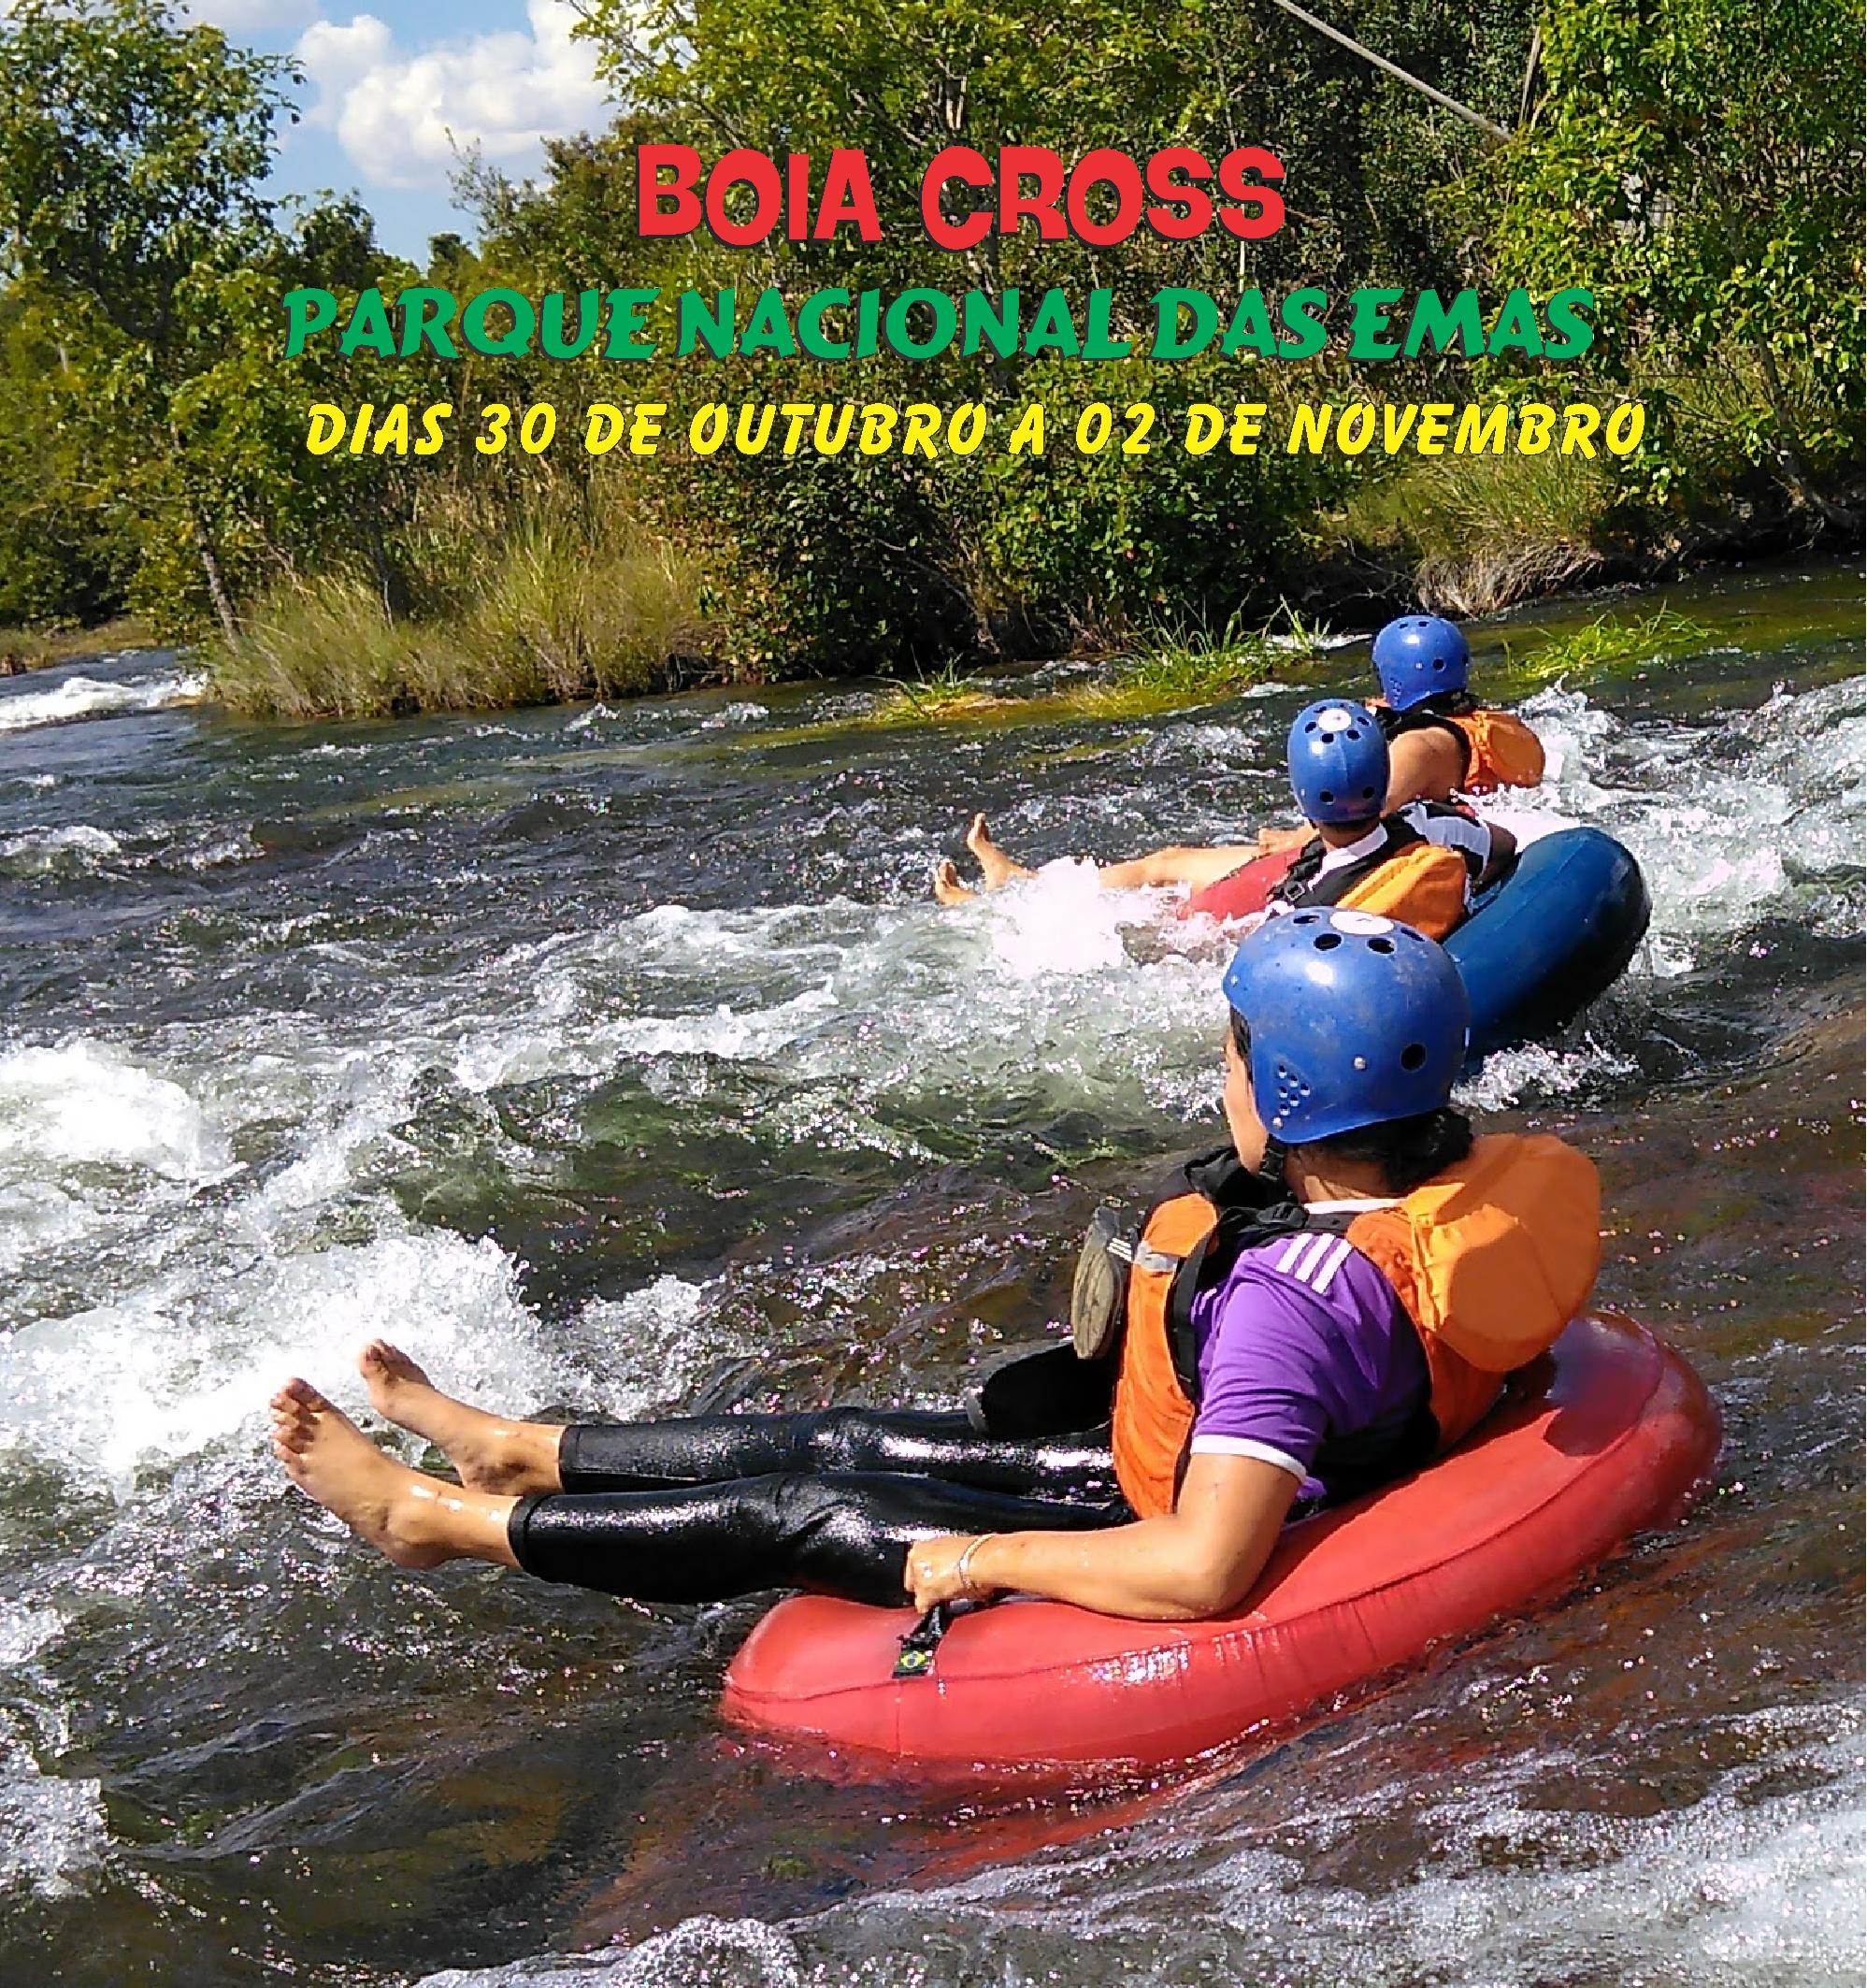 Boia Cross  Rio Formoso